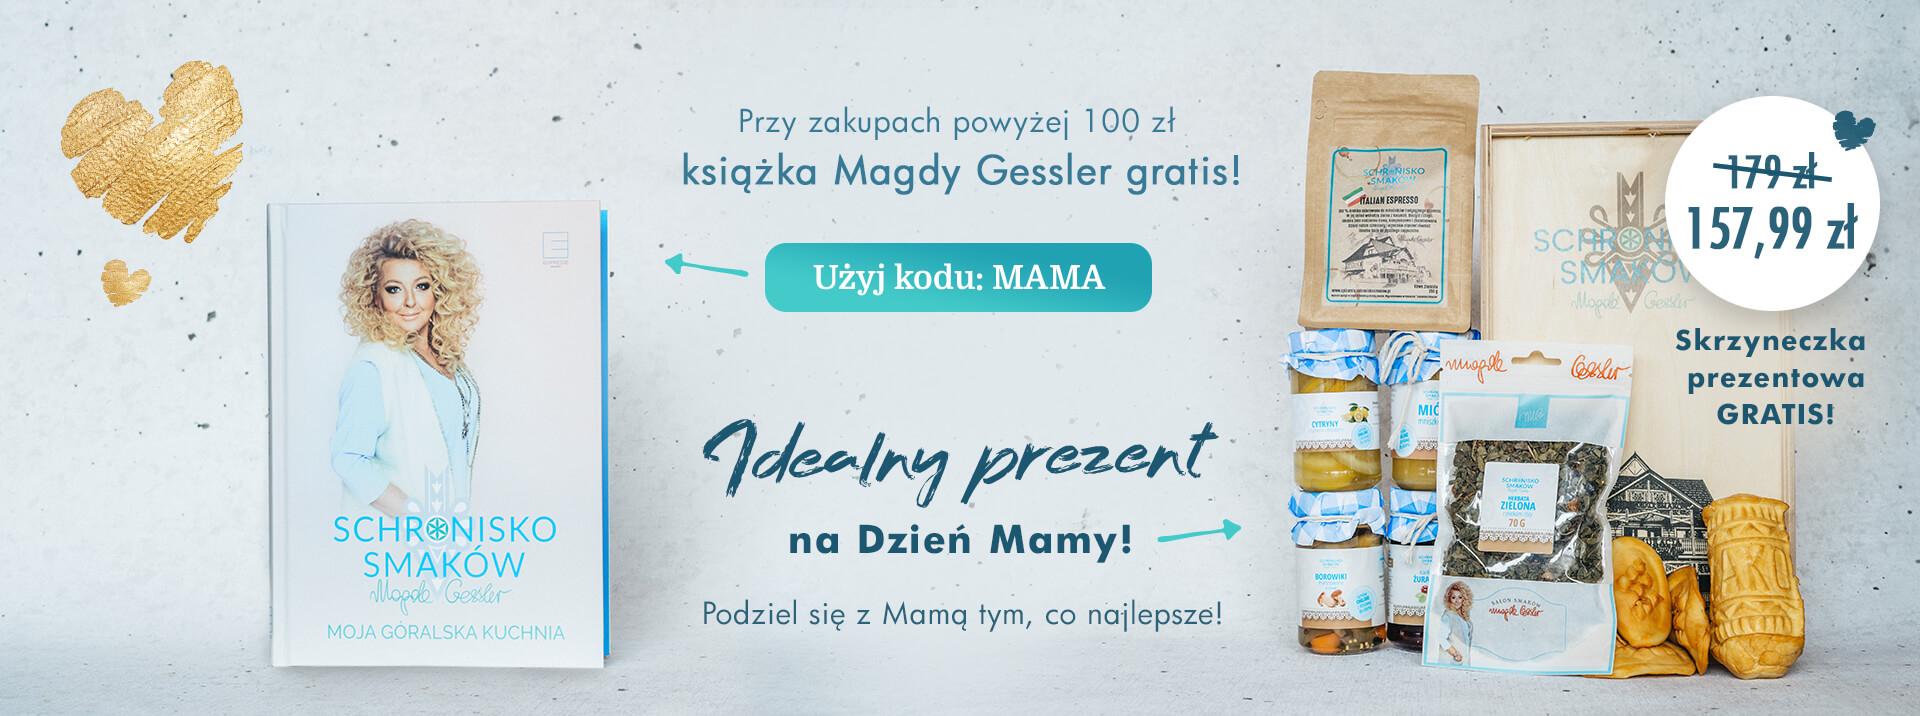 Góralski prezent na Dzień Mamy - Książka Magdy Gessler i pyszny zestaw jedzenia!